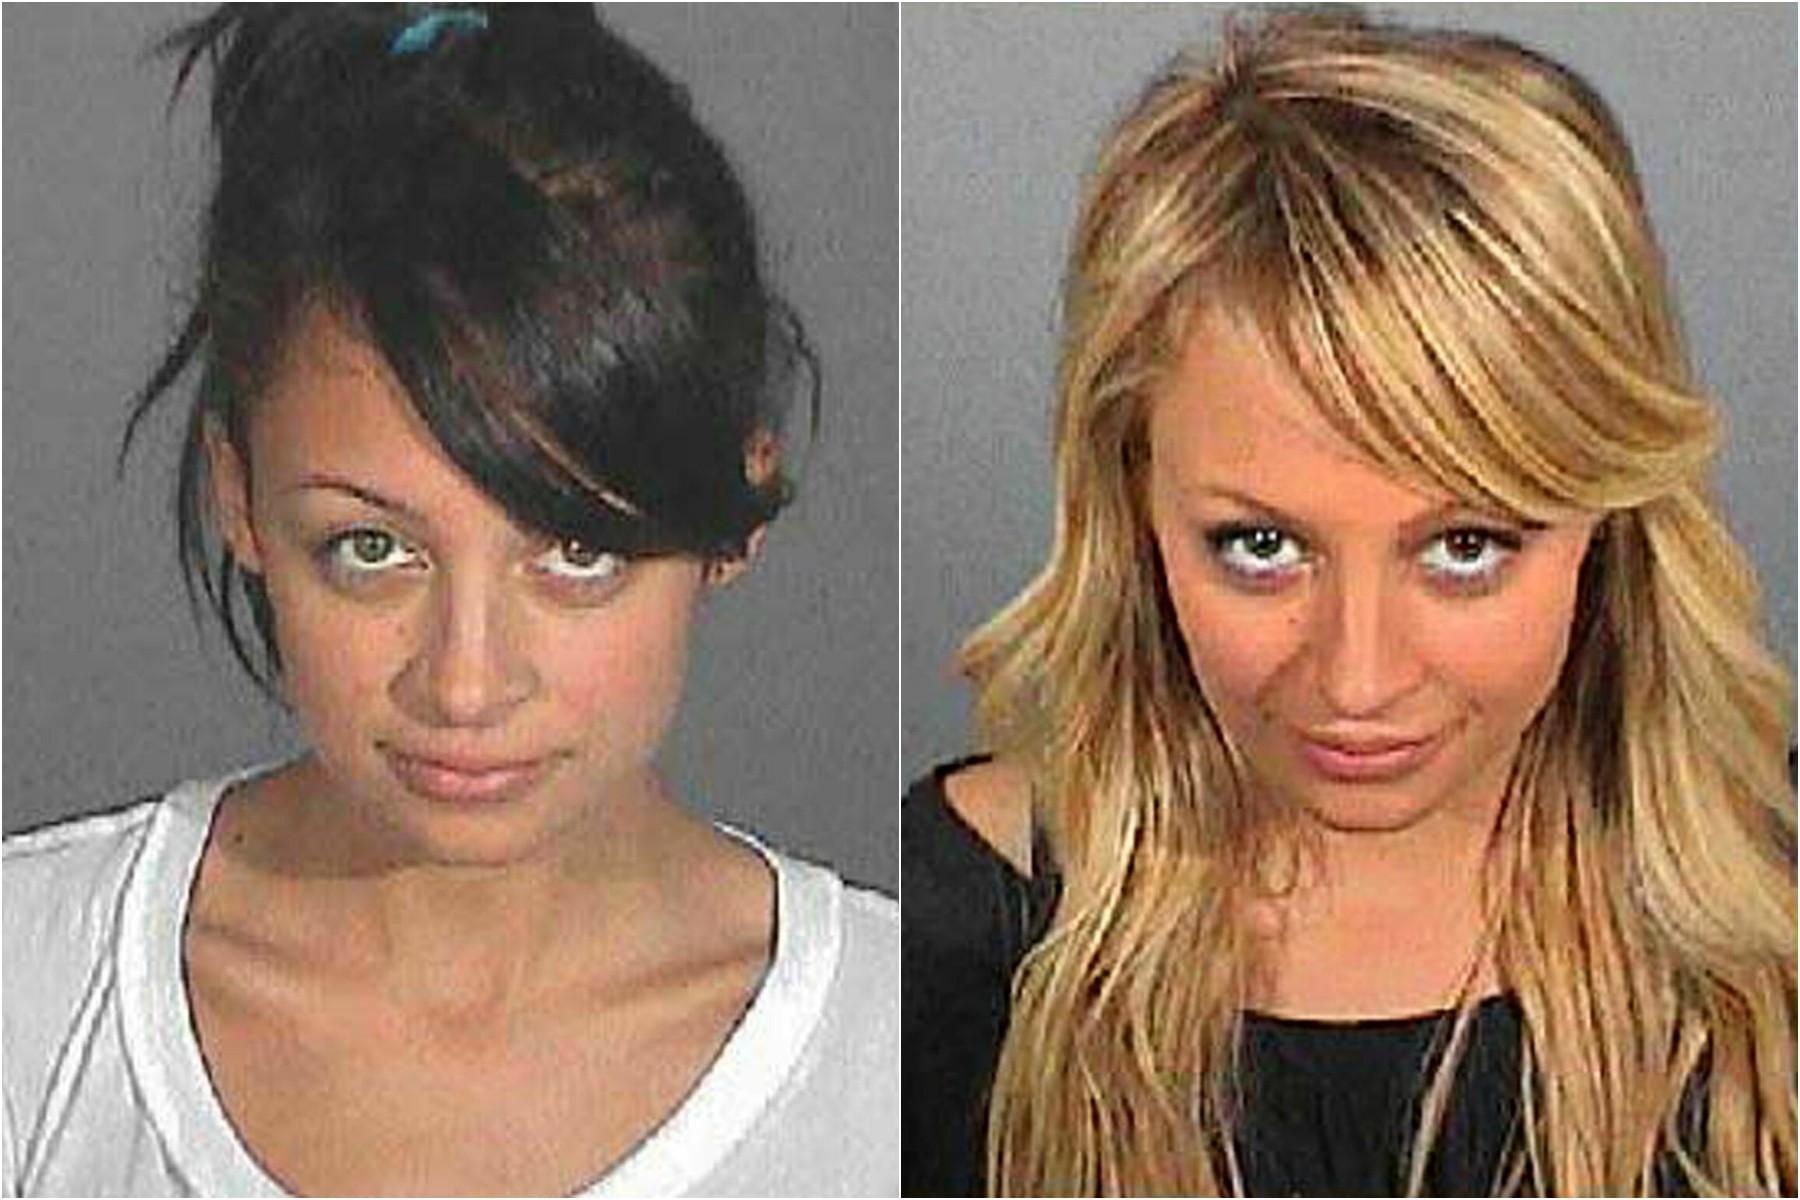 Nicole Richie em 2003 (à esq.) e em 2007. Acusações: primeiro, por porte de heroína; depois, por dirigir sob efeito de álcool e/ou outras drogas, na contramão de uma estrada, às 2h da manhã. (Foto: Divulgação)